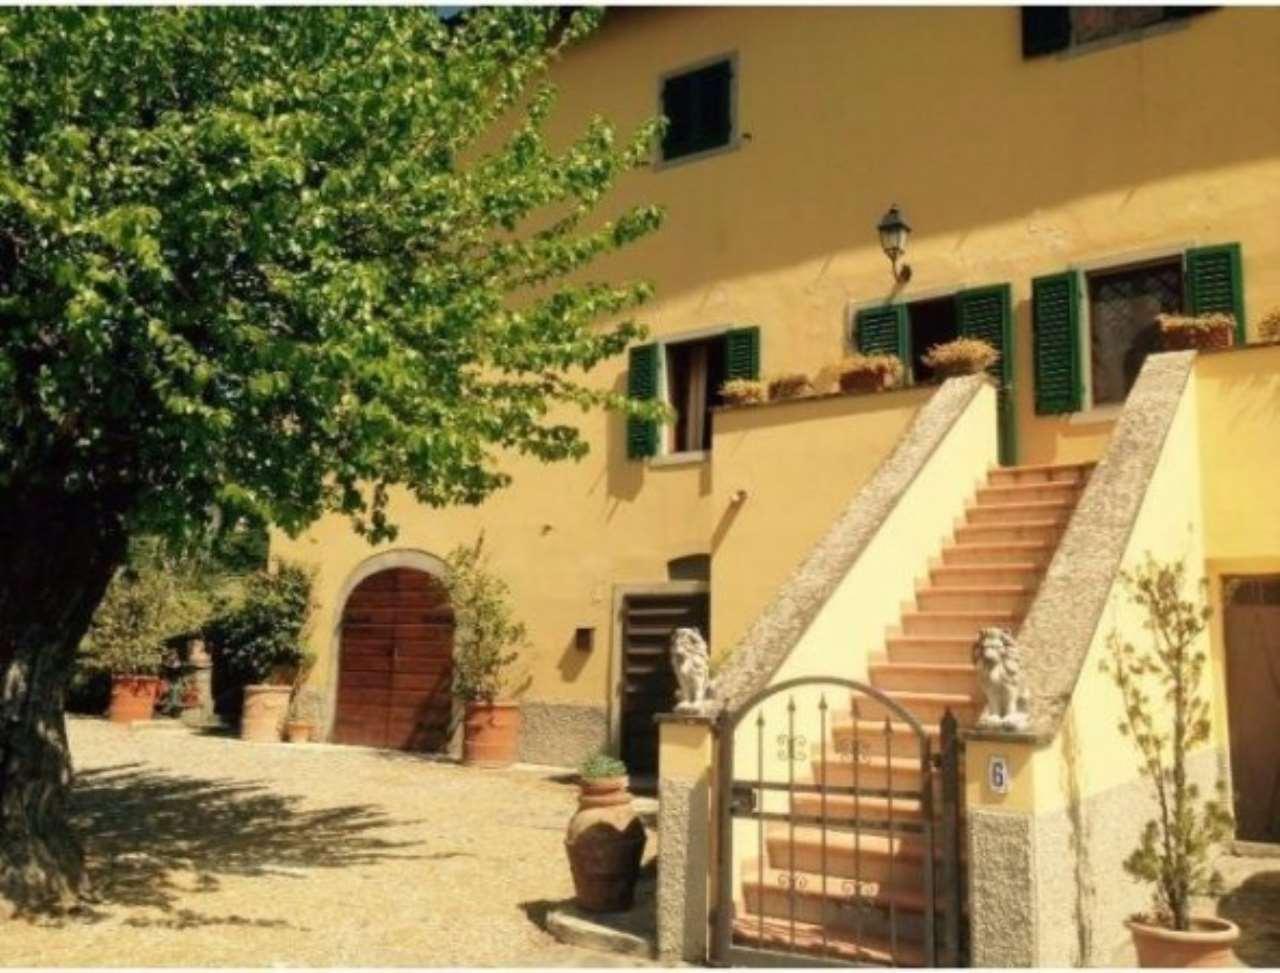 Rustico / Casale in vendita a Rufina, 4 locali, prezzo € 190.000 | Cambio Casa.it